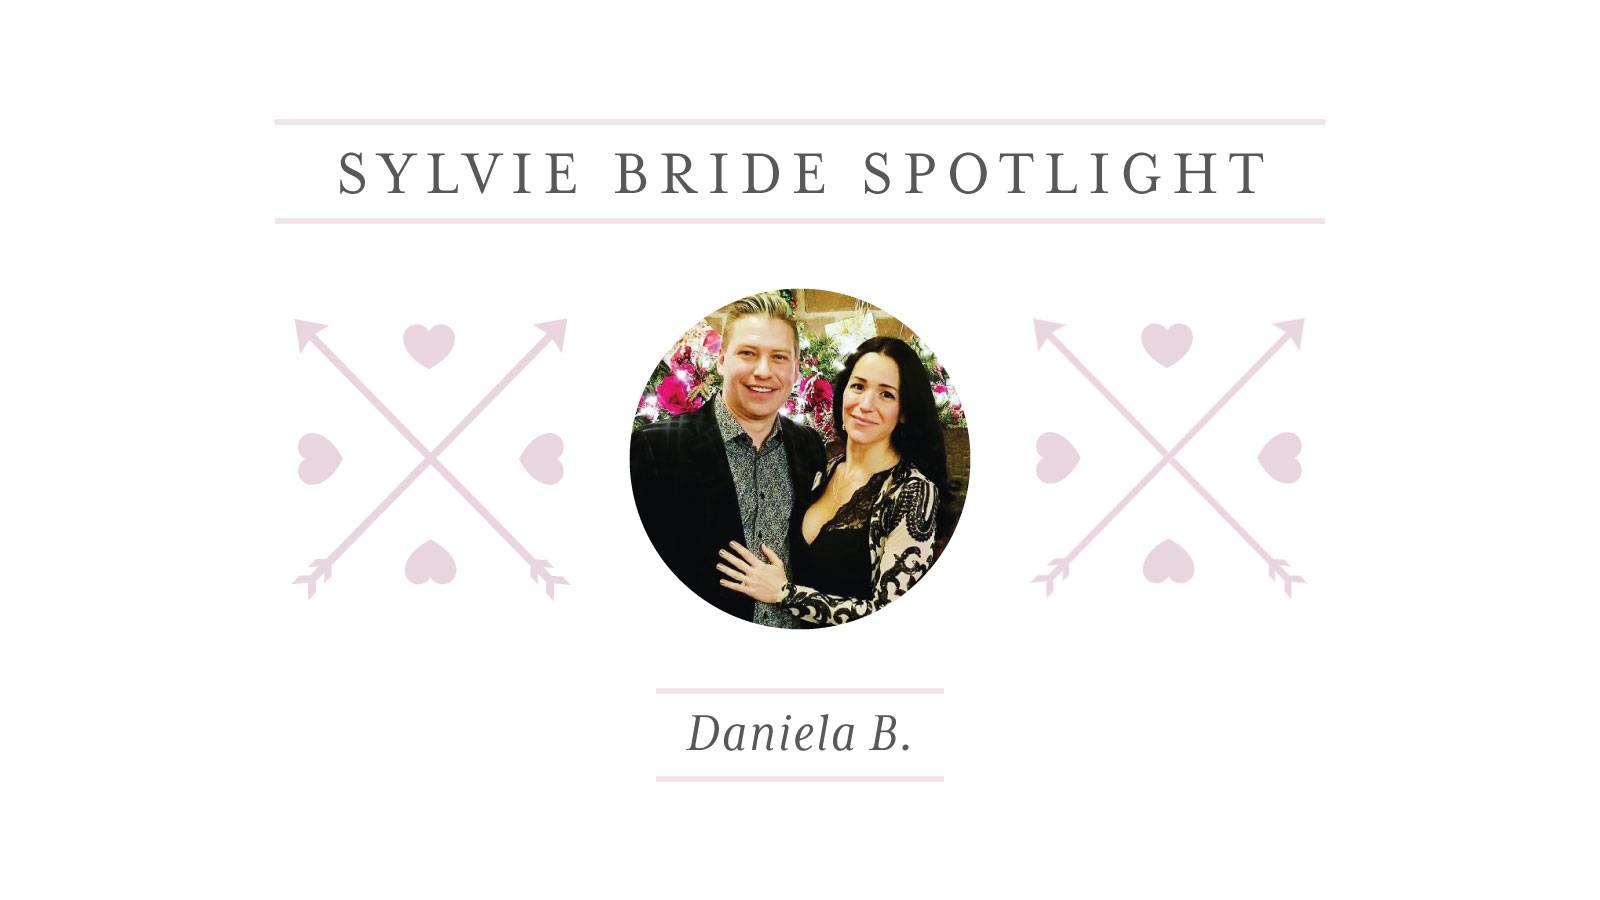 Sylvie Bride Spotlight: Daniela B.